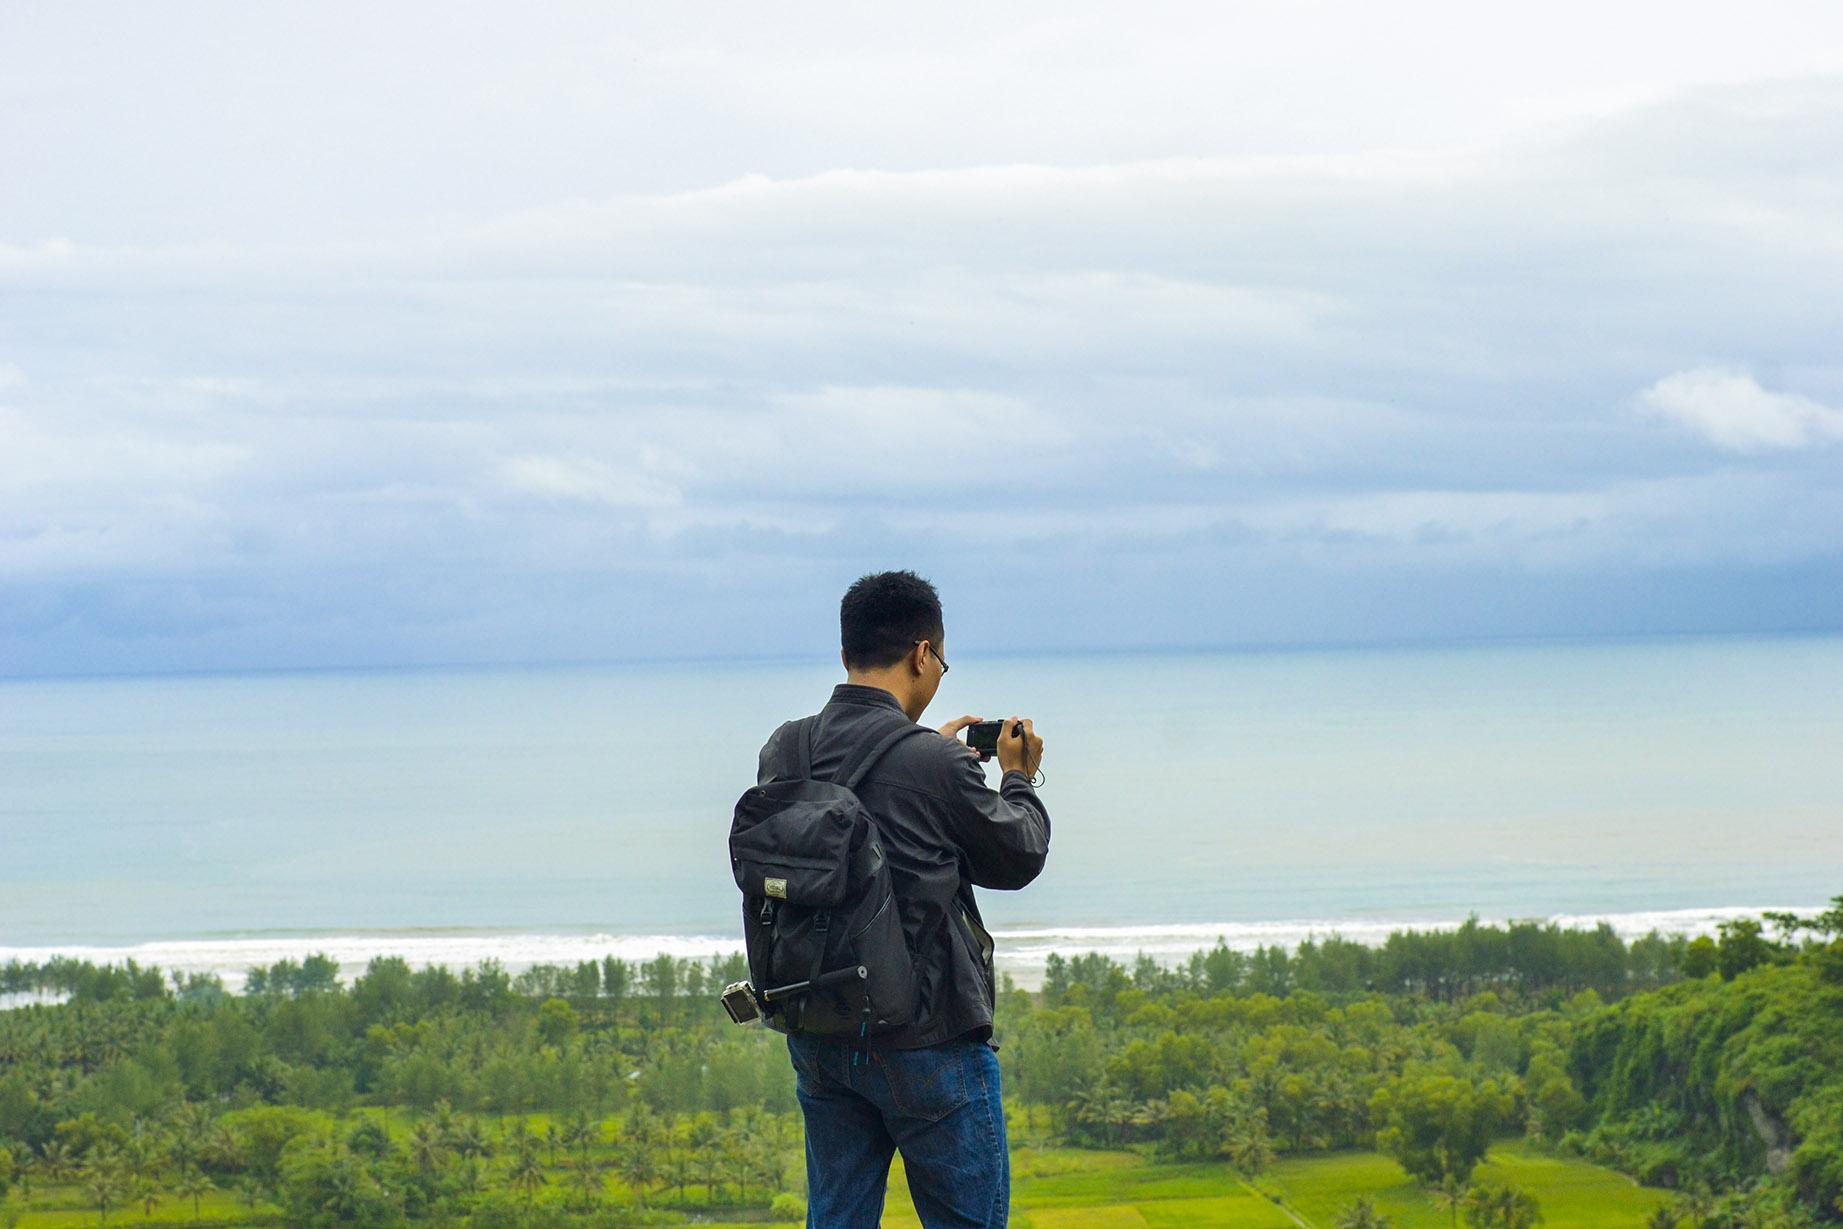 wisata gunung selok yang mulai populer di jawa tengah